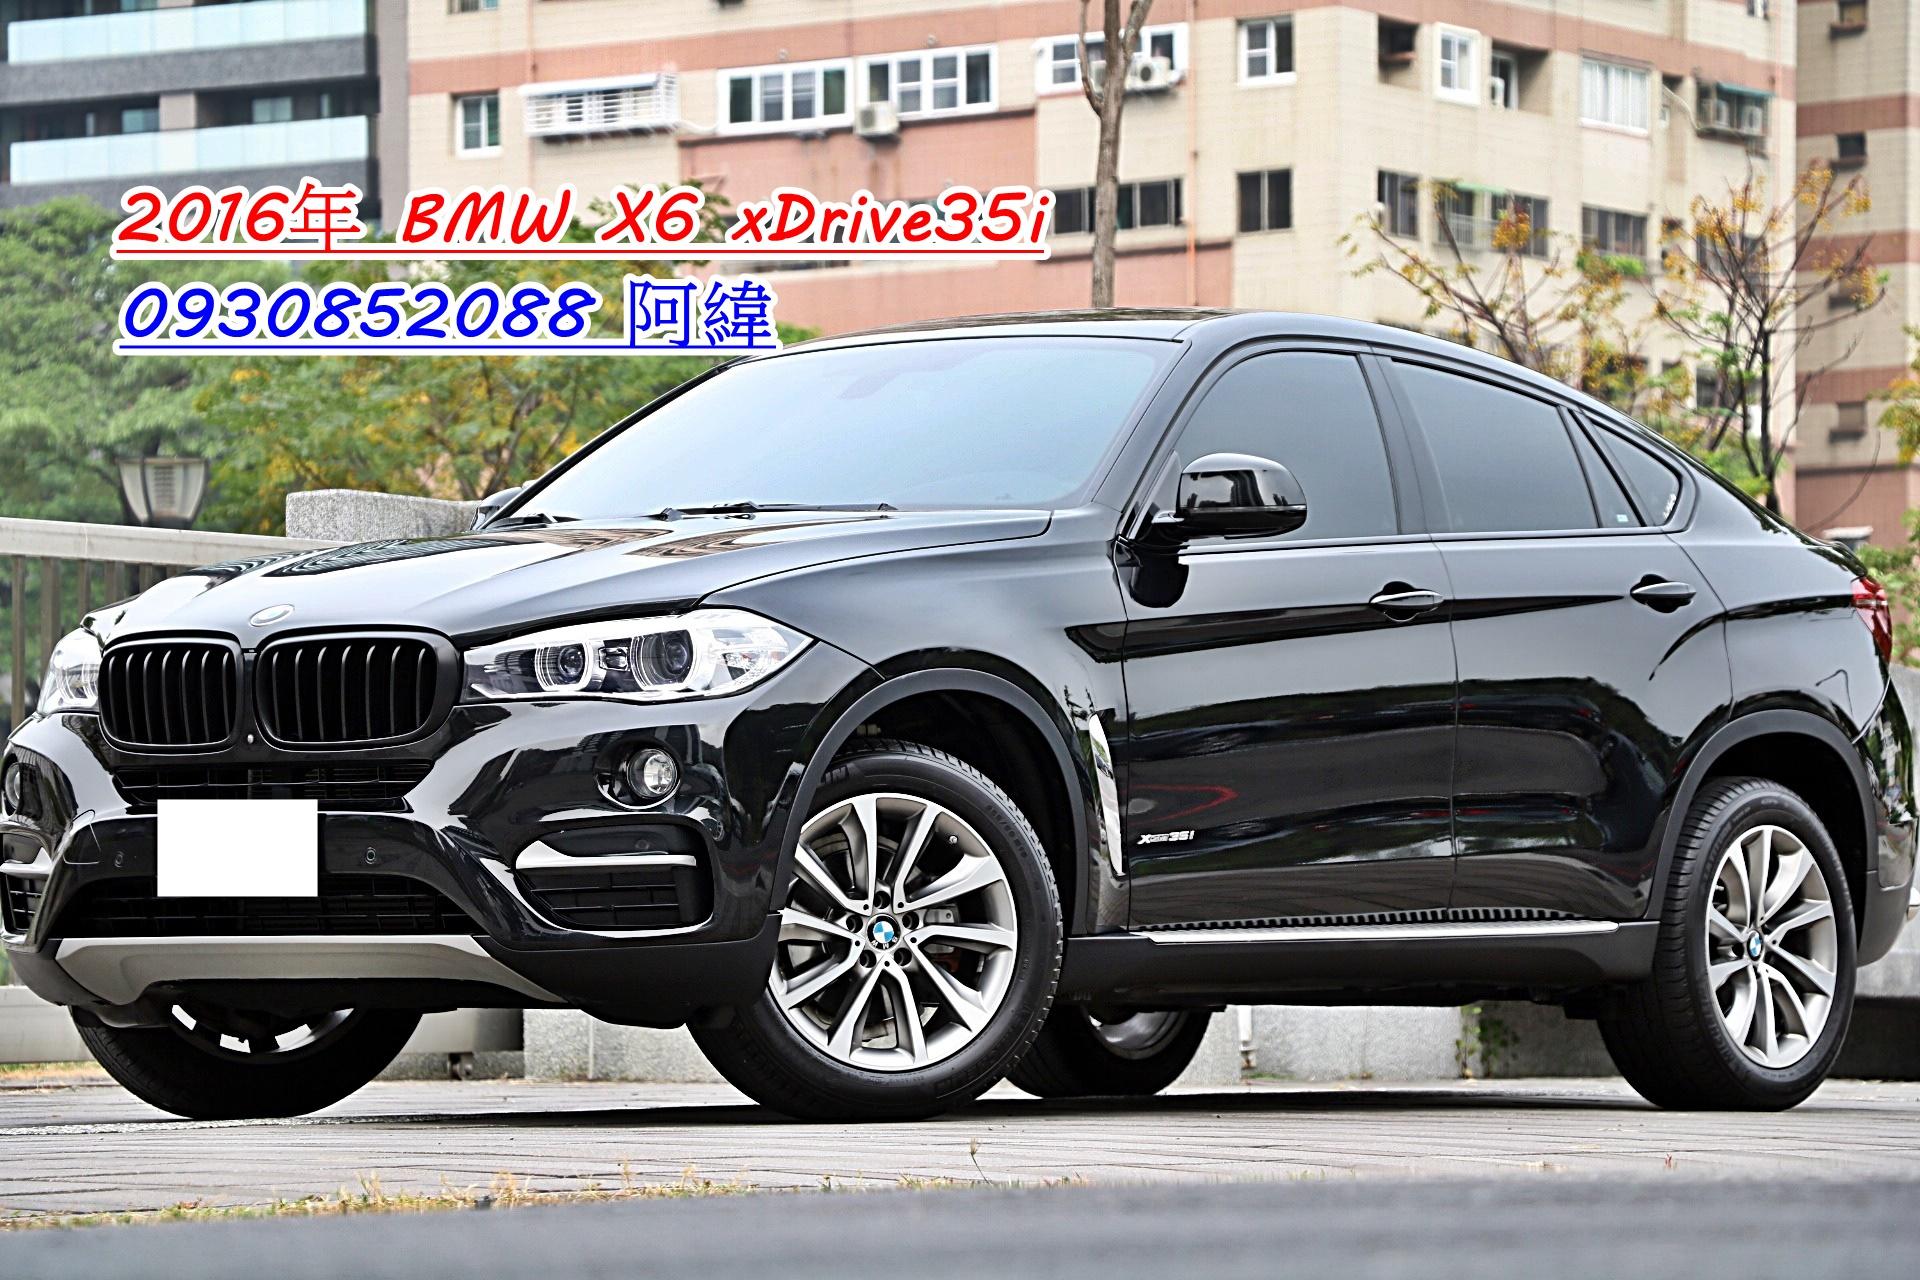 2016 BMW 寶馬 X6